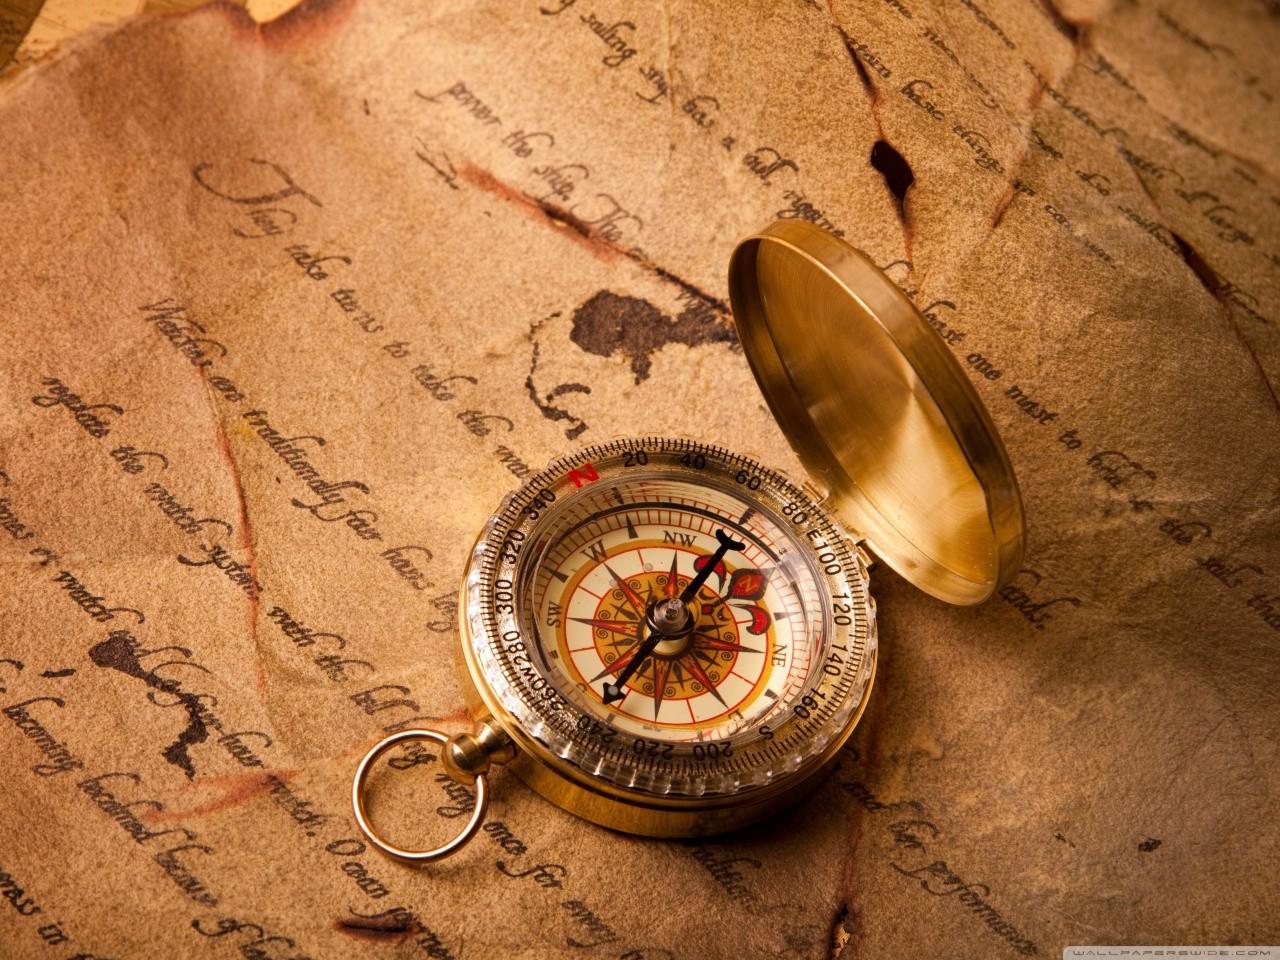 compass-wallpaper-1280x960 compass-wallpaper-1280x960